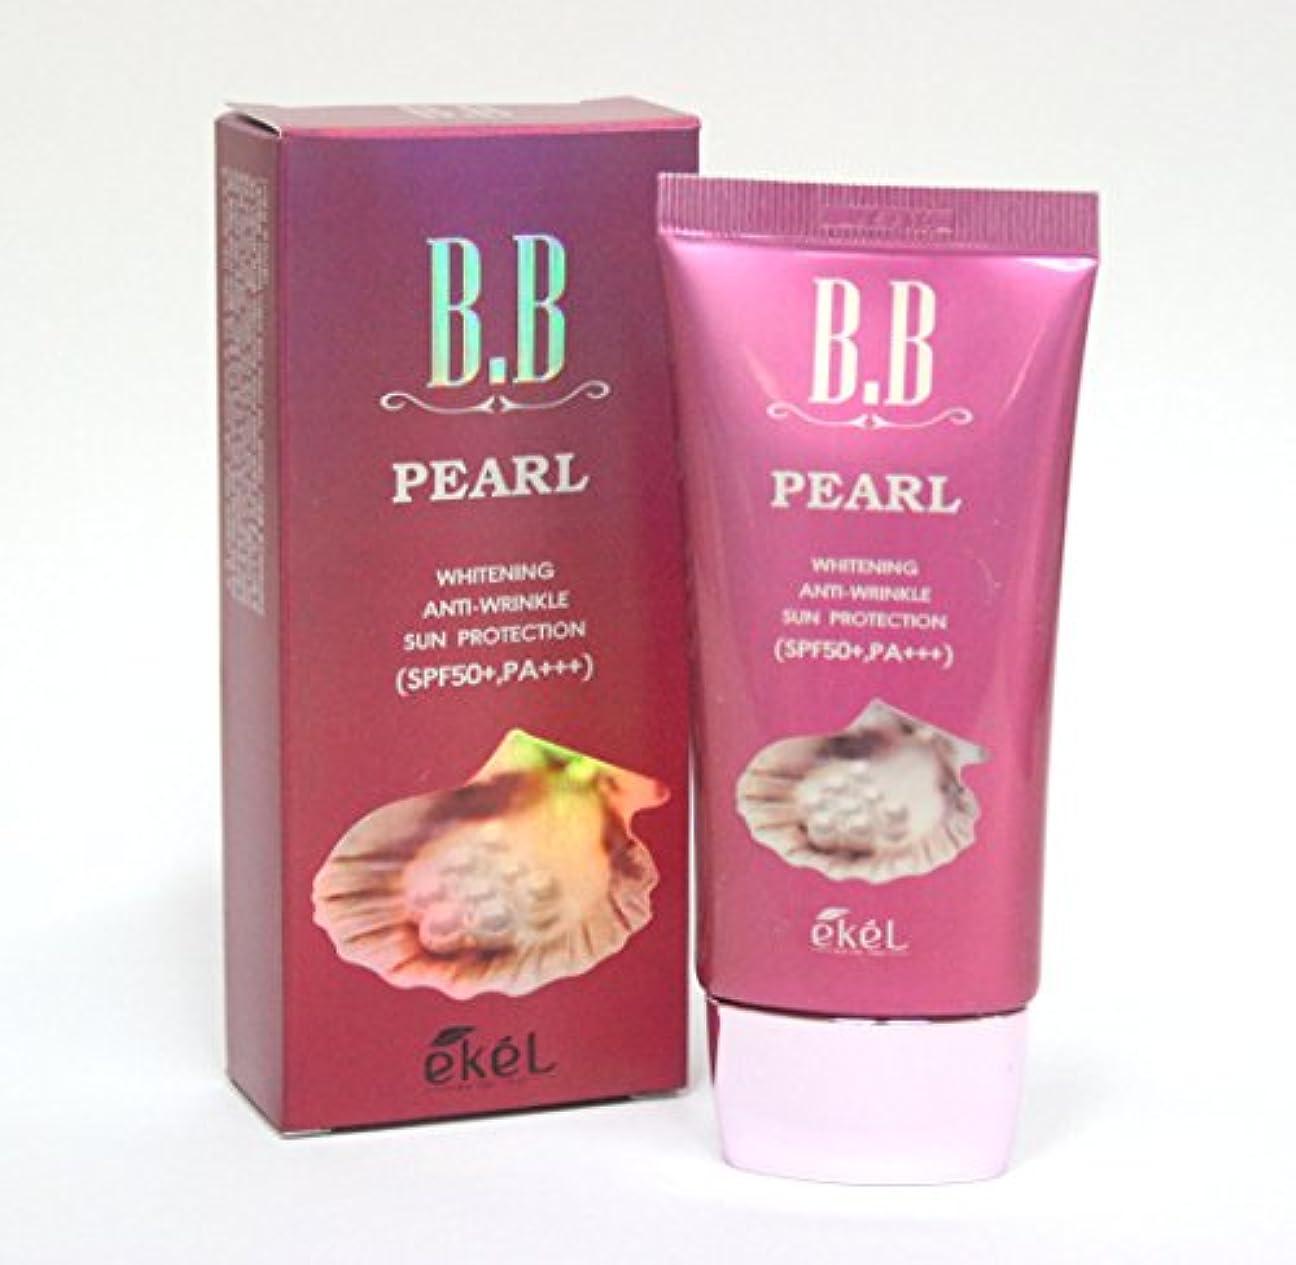 まだ物理的な空の[Ekel] パールBBクリーム50ml / Pearl BB Cream 50ml / ホワイトニング、アンチリンクル、日焼け防止SPF50 + PA +++ / Whitening, Anti-wrinkle, Sun...